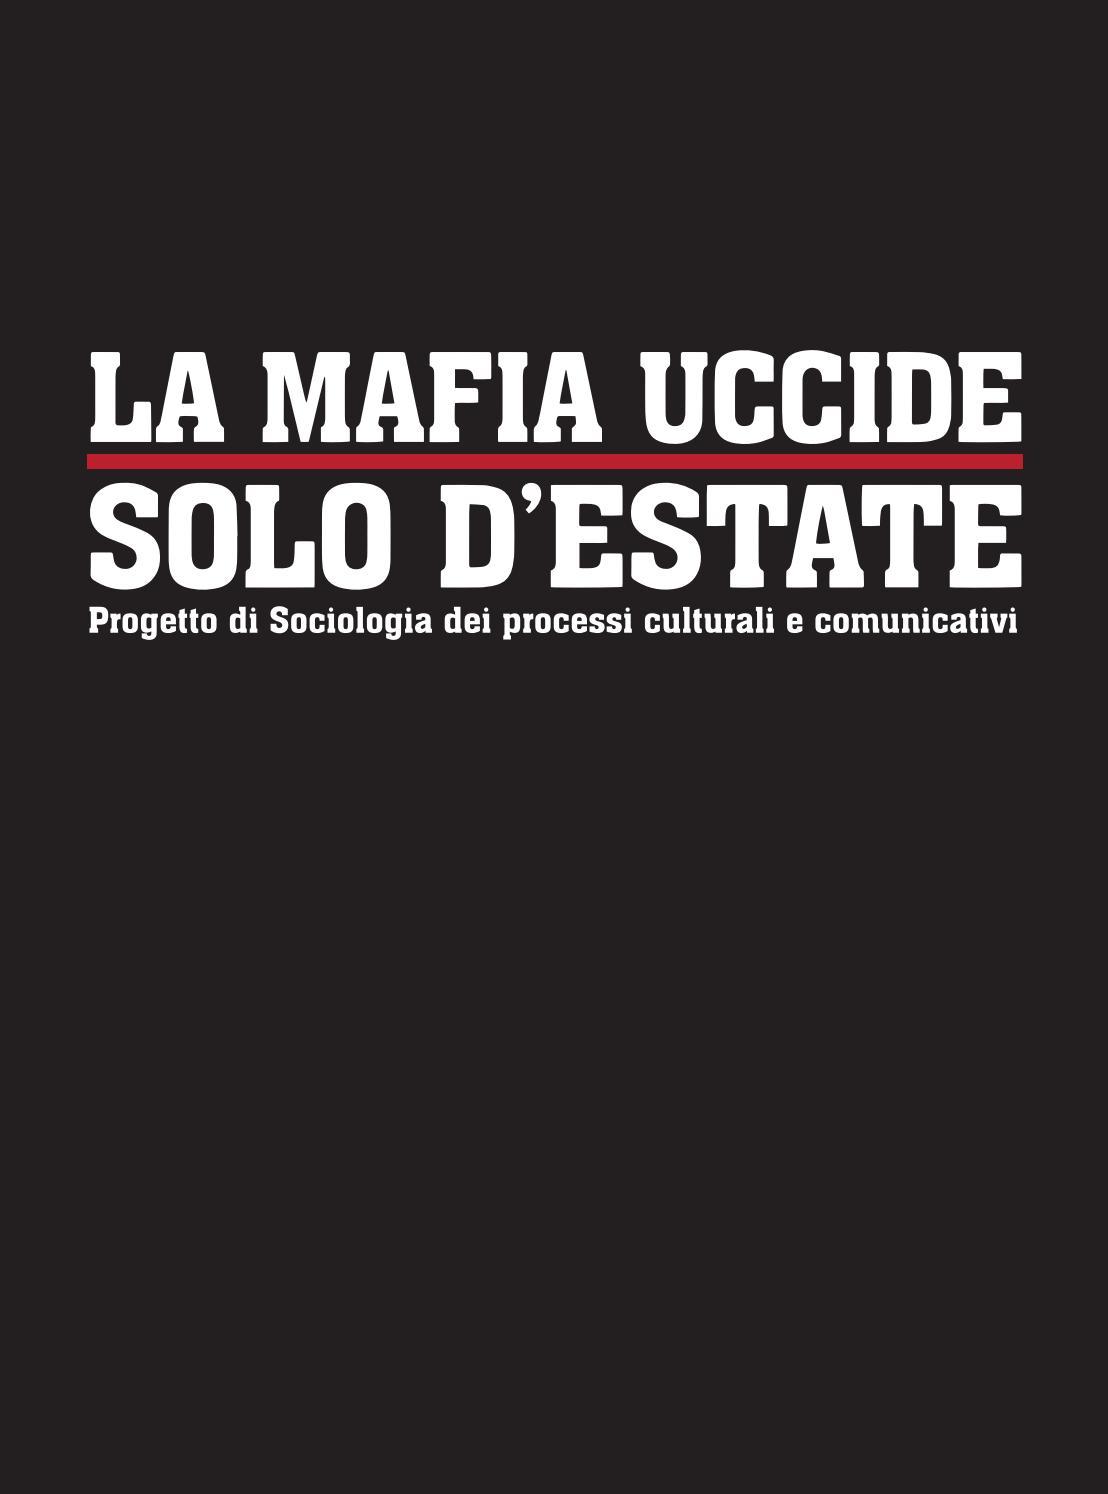 La Mafia Uccide Solo D Estate Editorial Design By Lorenzo Ambrosini Issuu